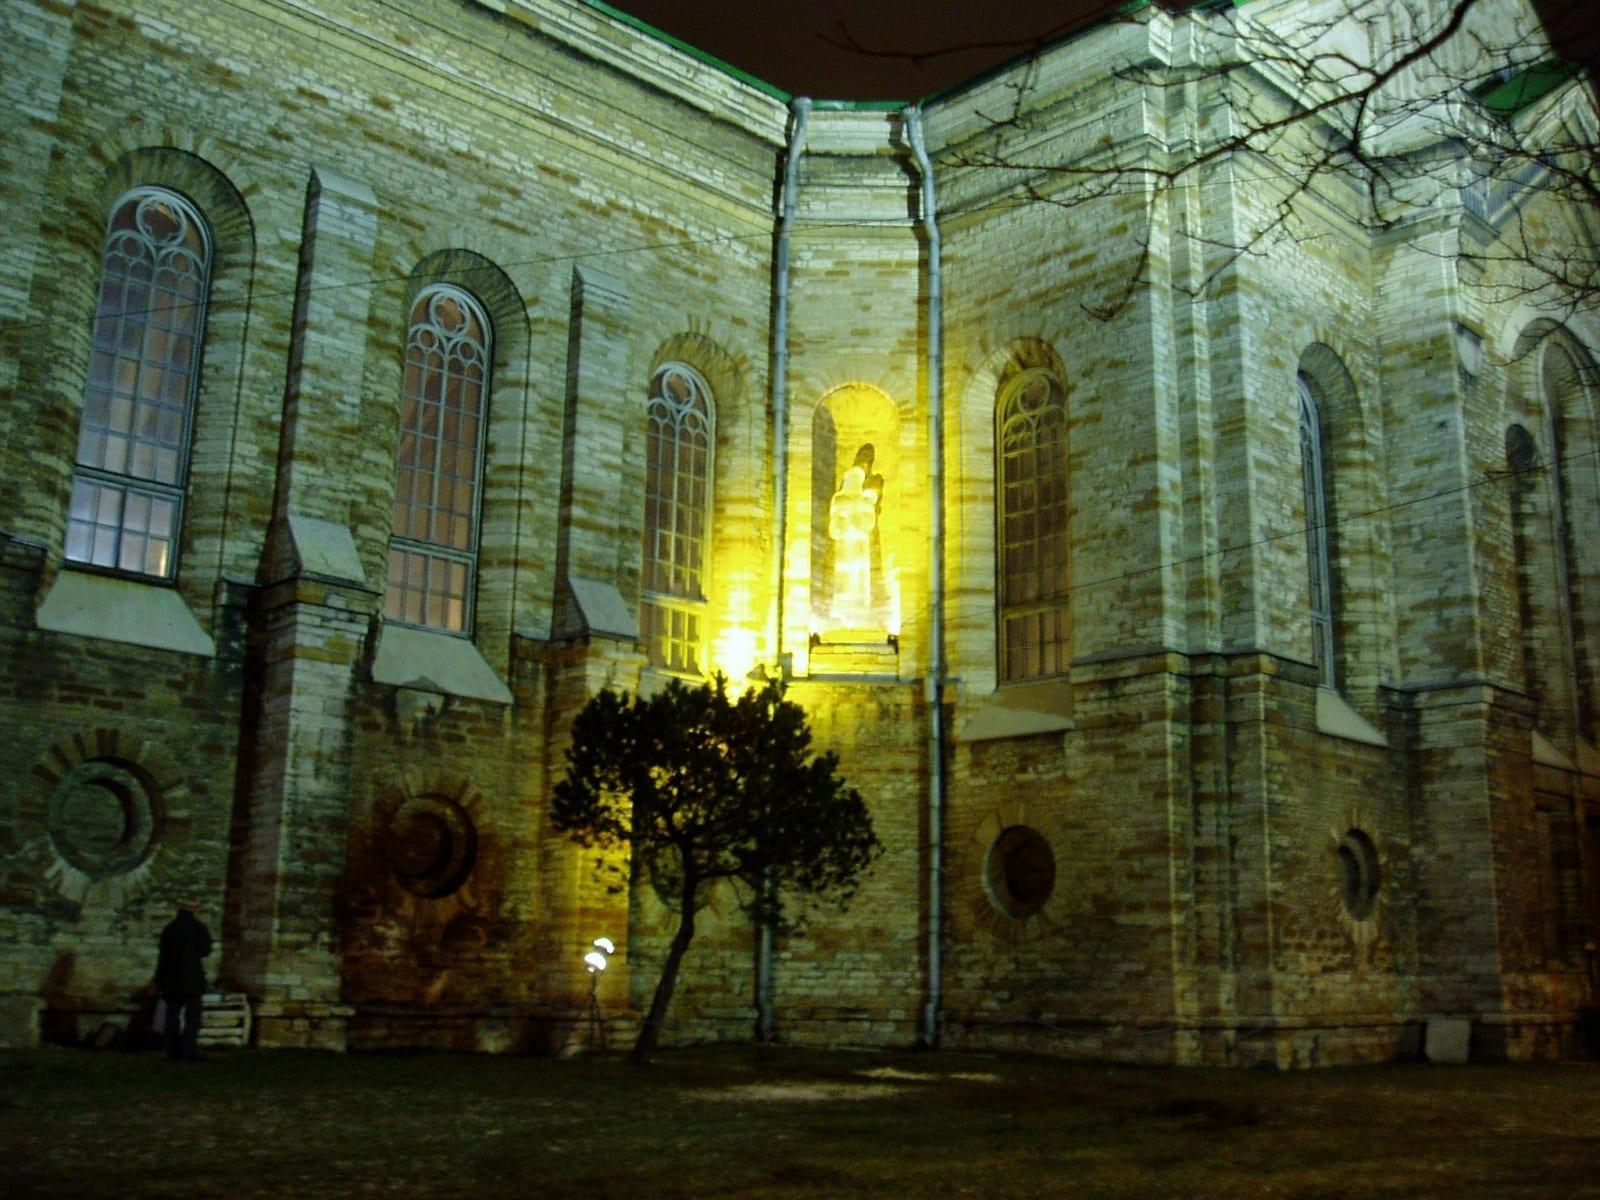 """""""NEITSI MAARJA JEESUSLAPSEGA"""" 2005 h= 3,5 m  Kaarli kirik, Tallinn, Eesti <br/>""""VIRGIN MARY WITH BABY JESUS"""" 2005 h= 3,5 m Kaarli Church, Tallinn, Estonia"""